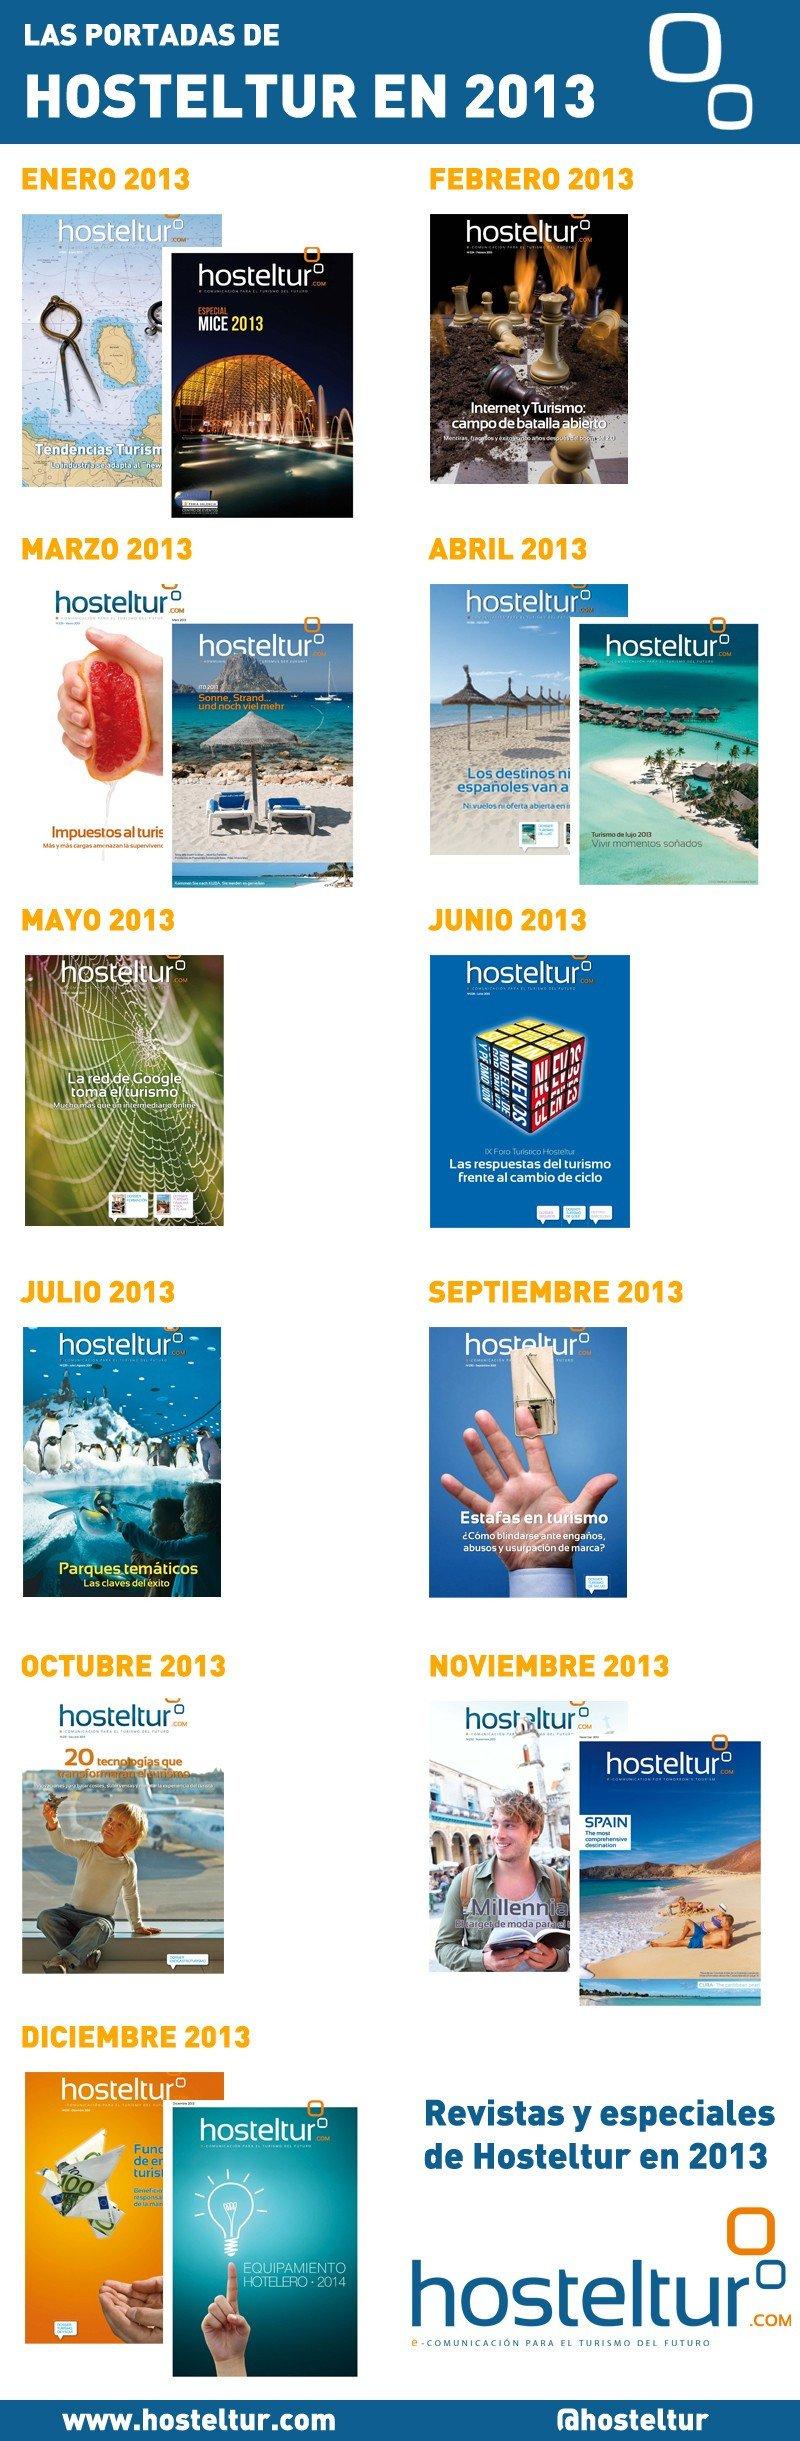 Las portadas de Hosteltur en 2013